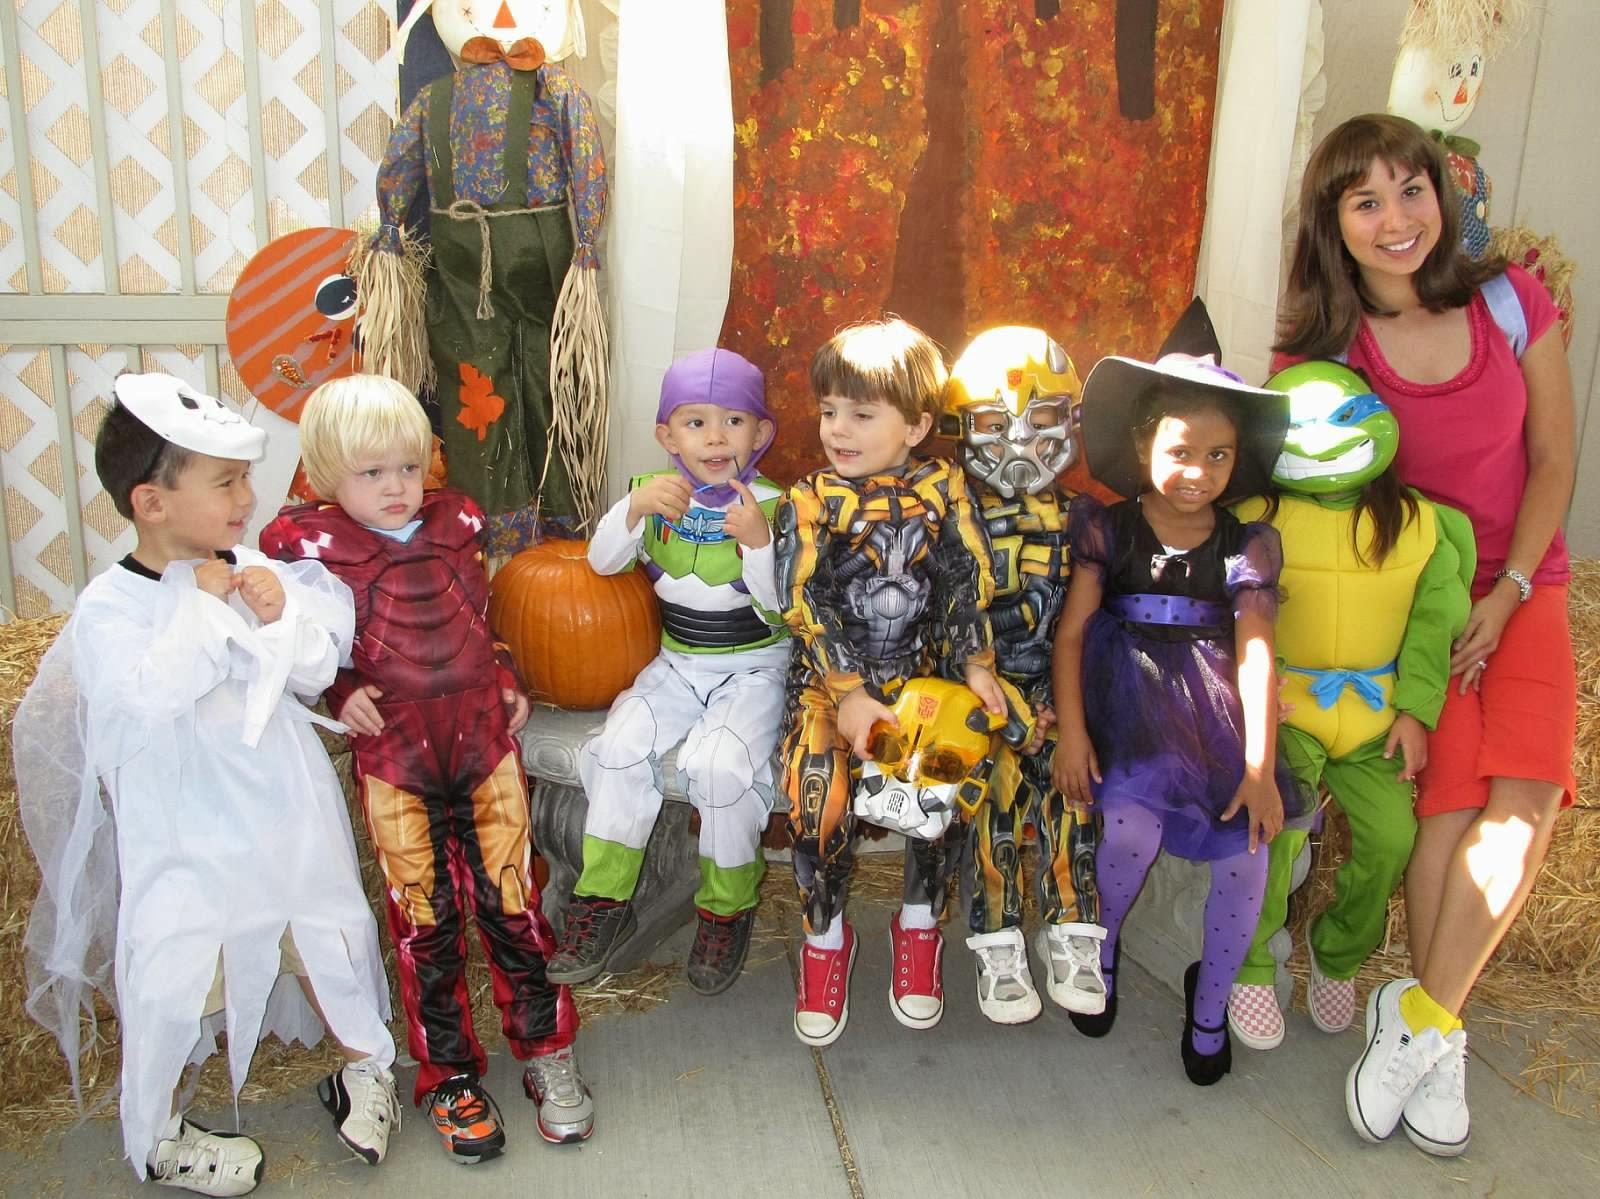 diy dora costume - Halloween Costumes For Preschoolers